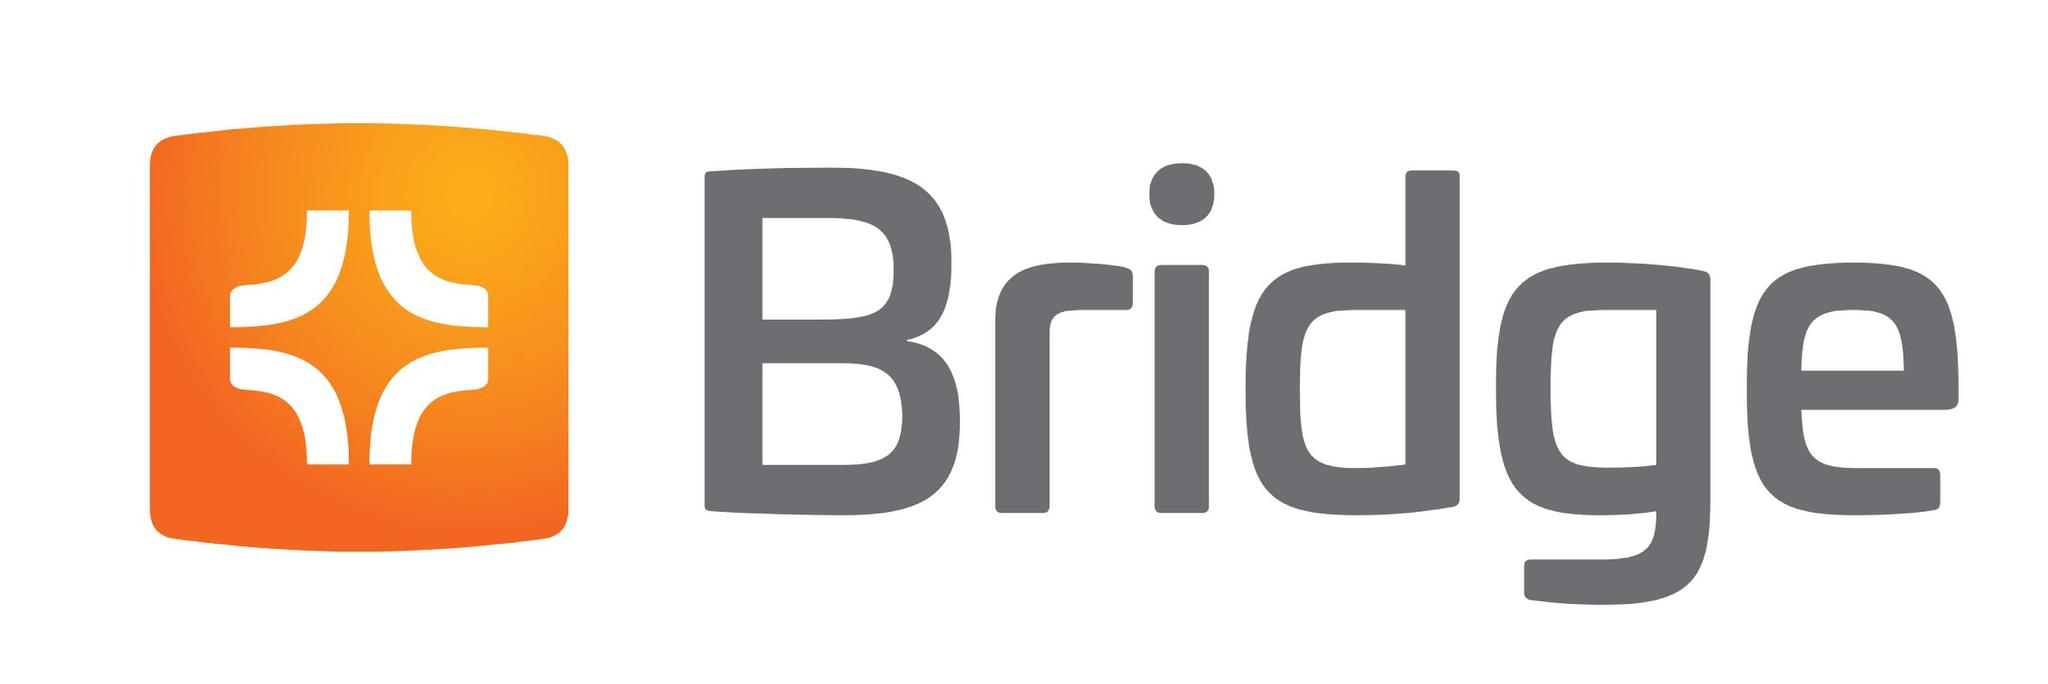 Bridge Contract Interiors